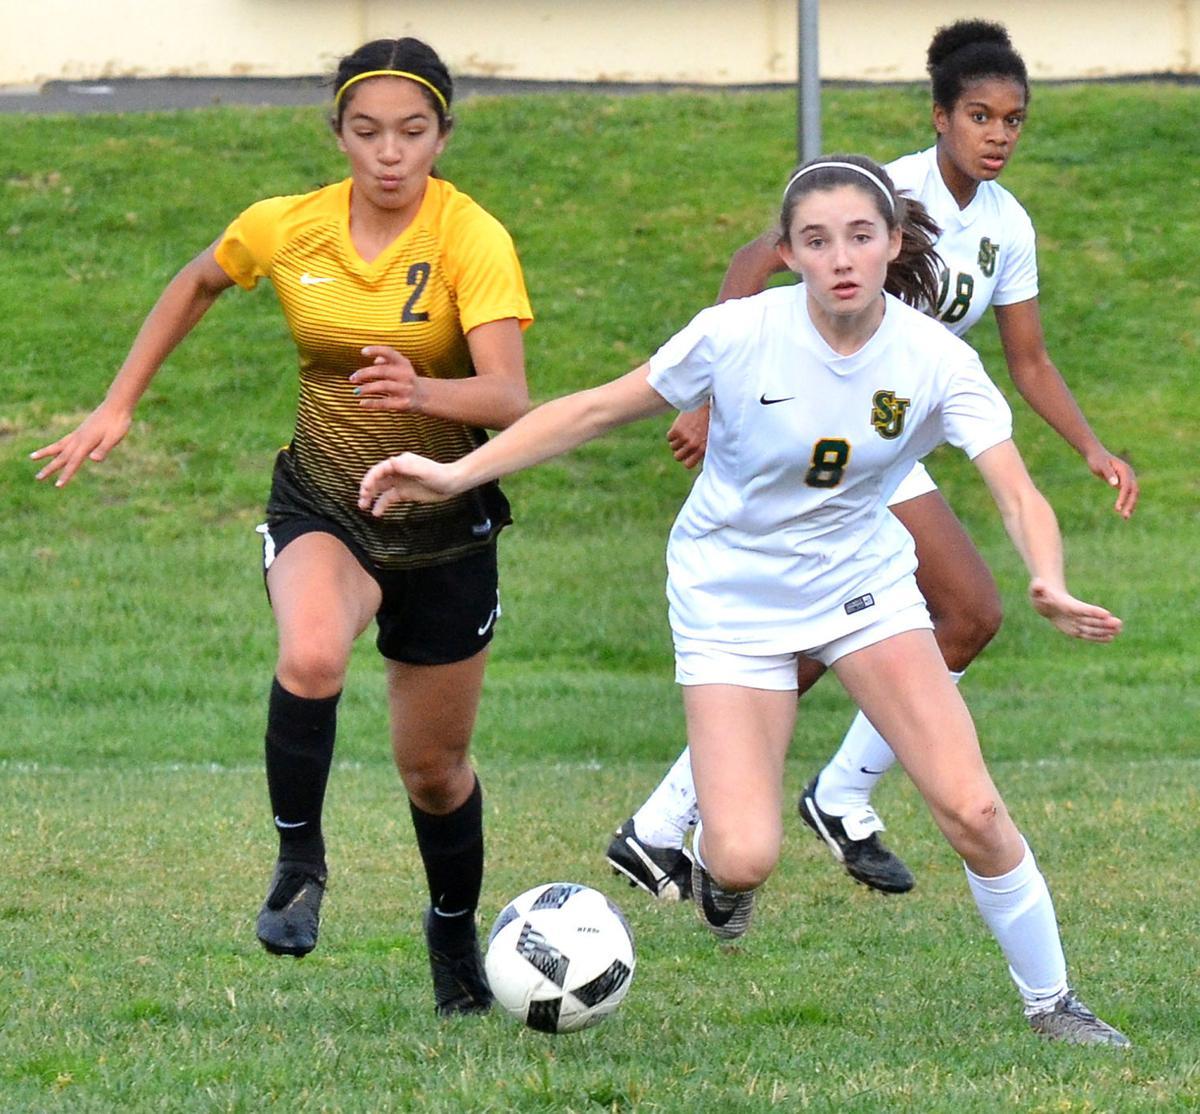 120519-St Joe-Cabrillo Girls Soccer 04.JPG